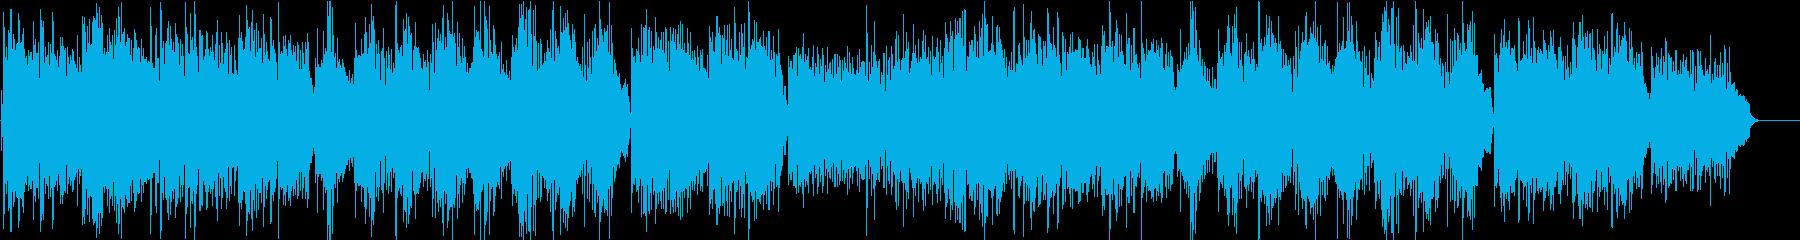 海の中のような癒されるリラクゼーション曲の再生済みの波形